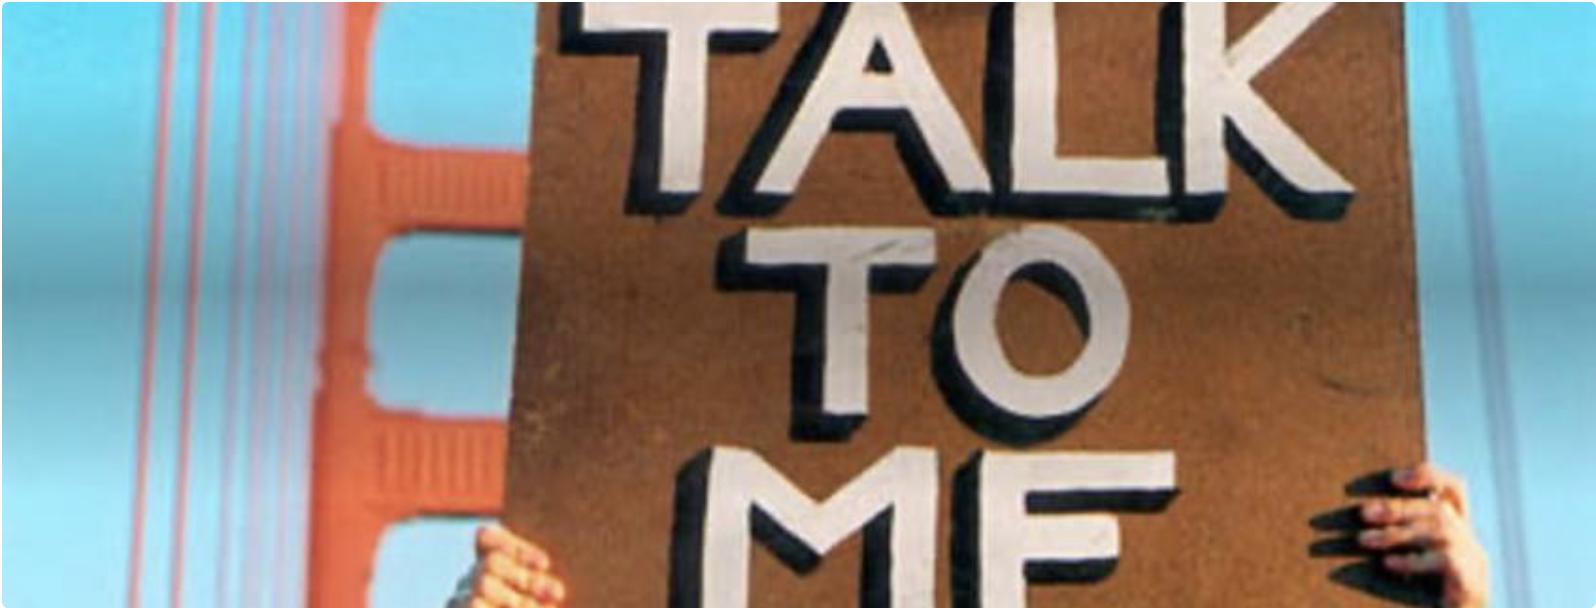 Talk to Me Assitej og Scenekunstbruket på Showbox